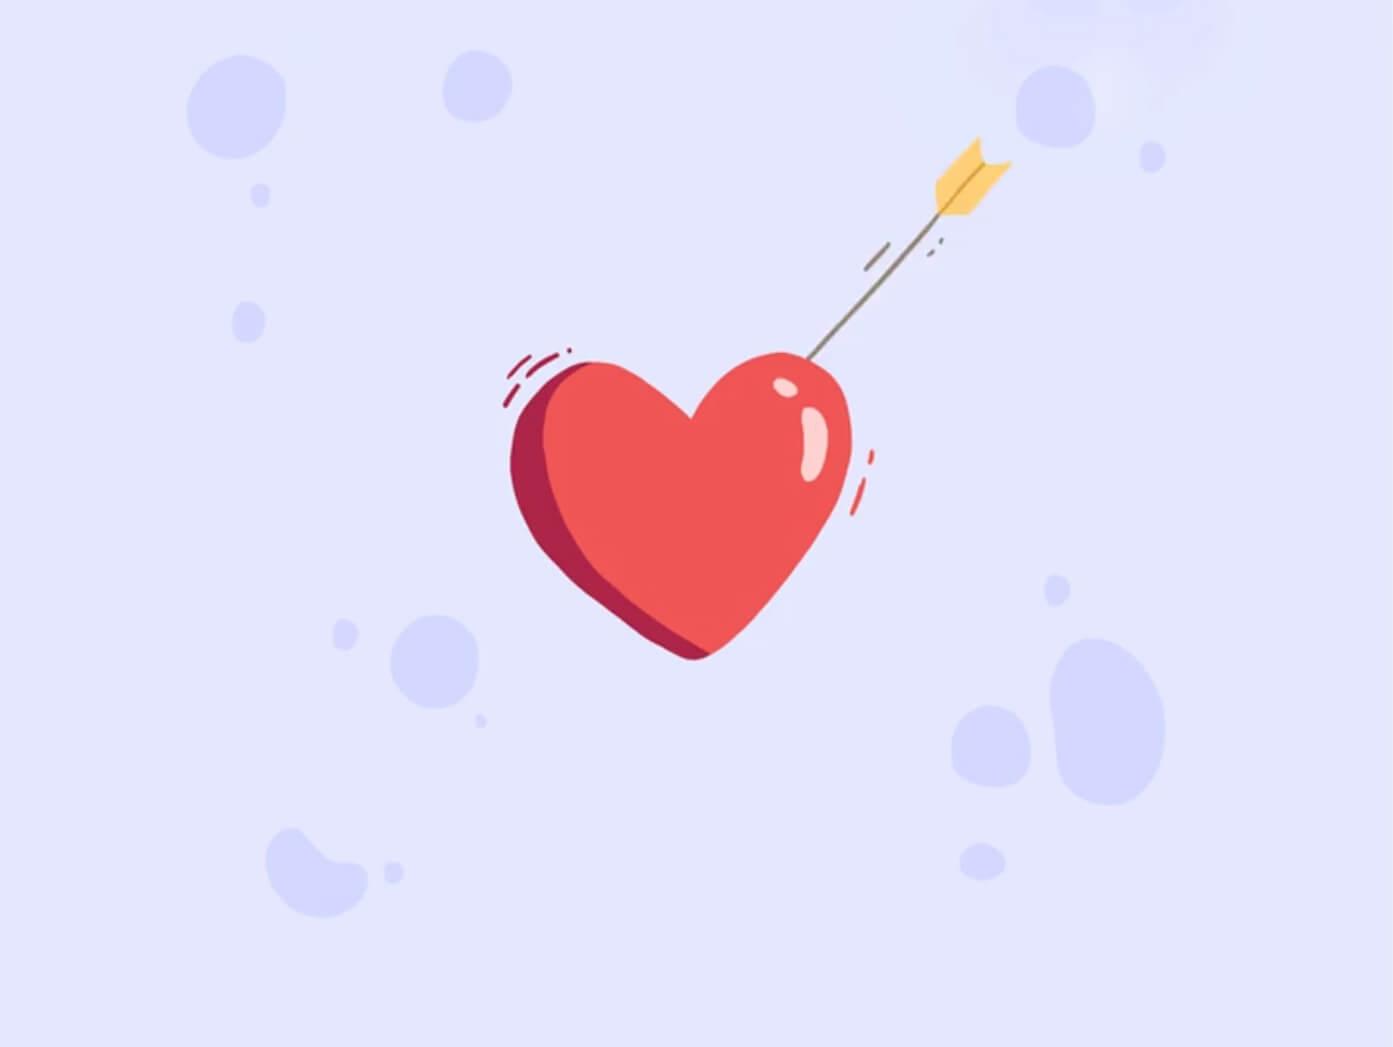 آموزش بافت مو مدل قلبی